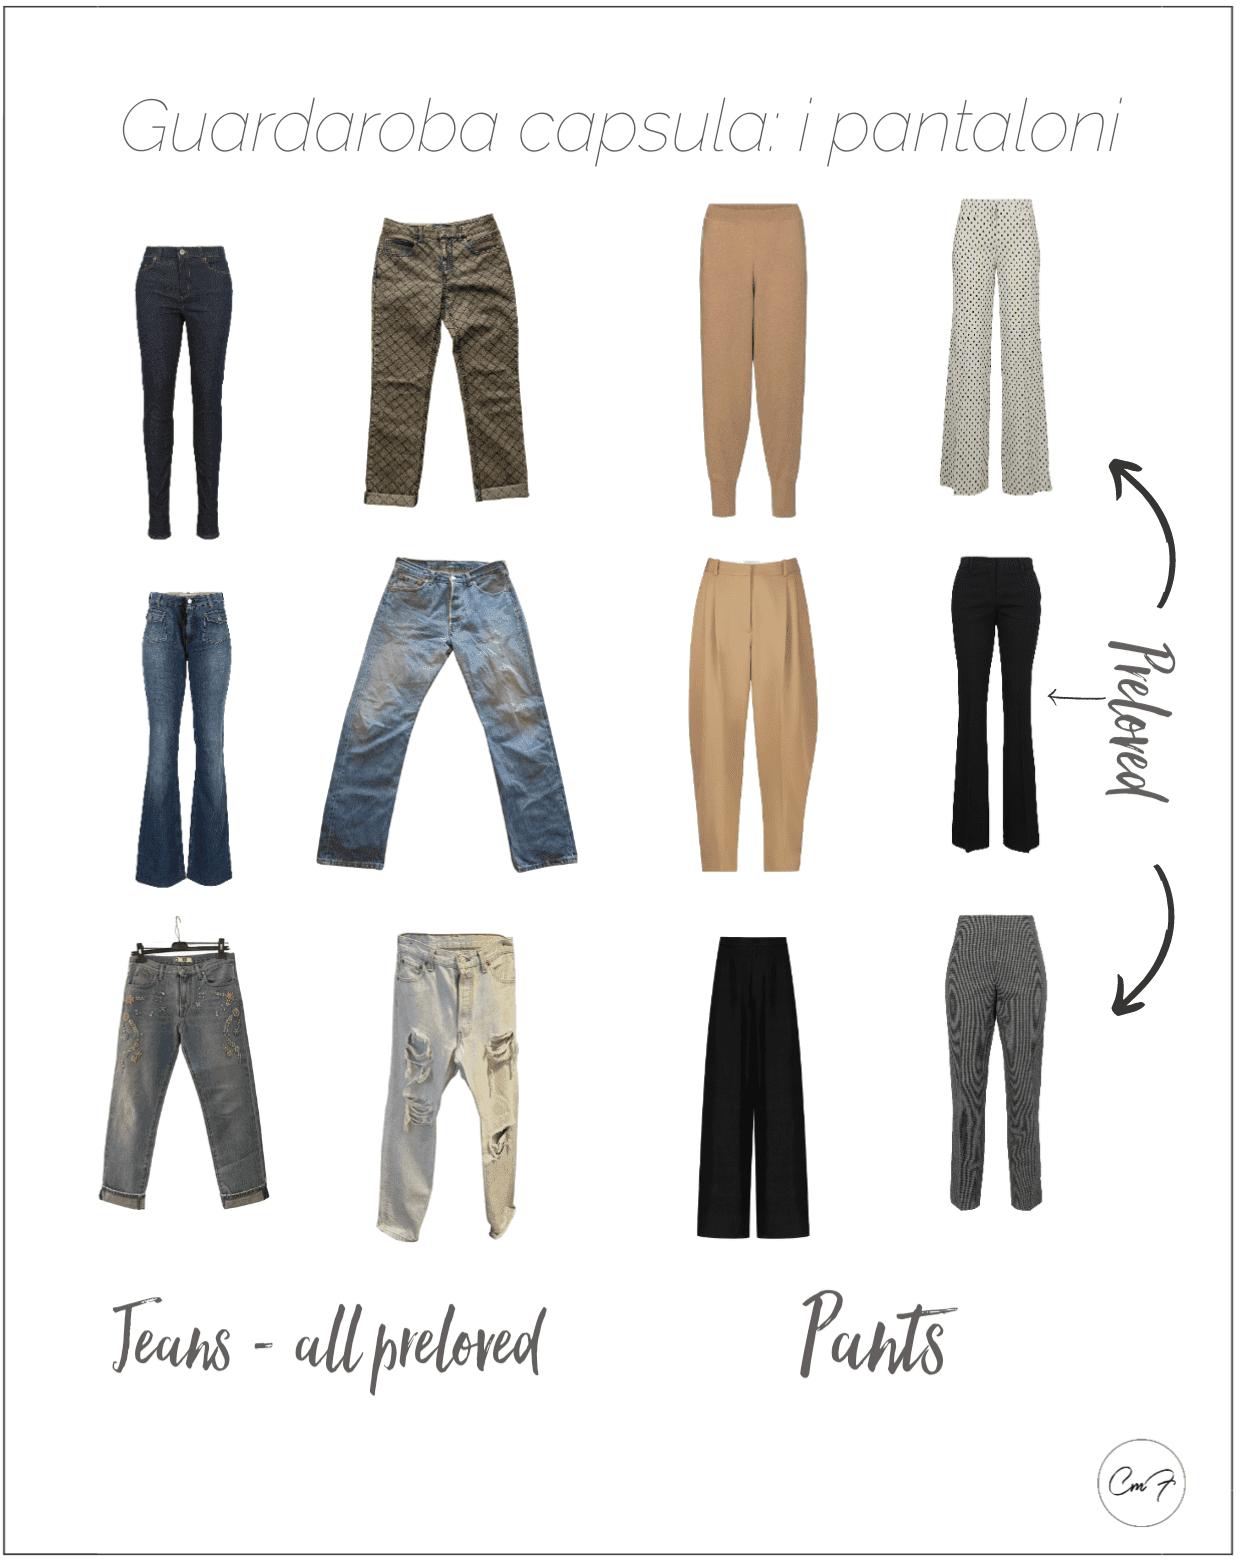 I pantaloni e i jeans adatti a un guardaroba capsula sono semplici e dal taglio regolare